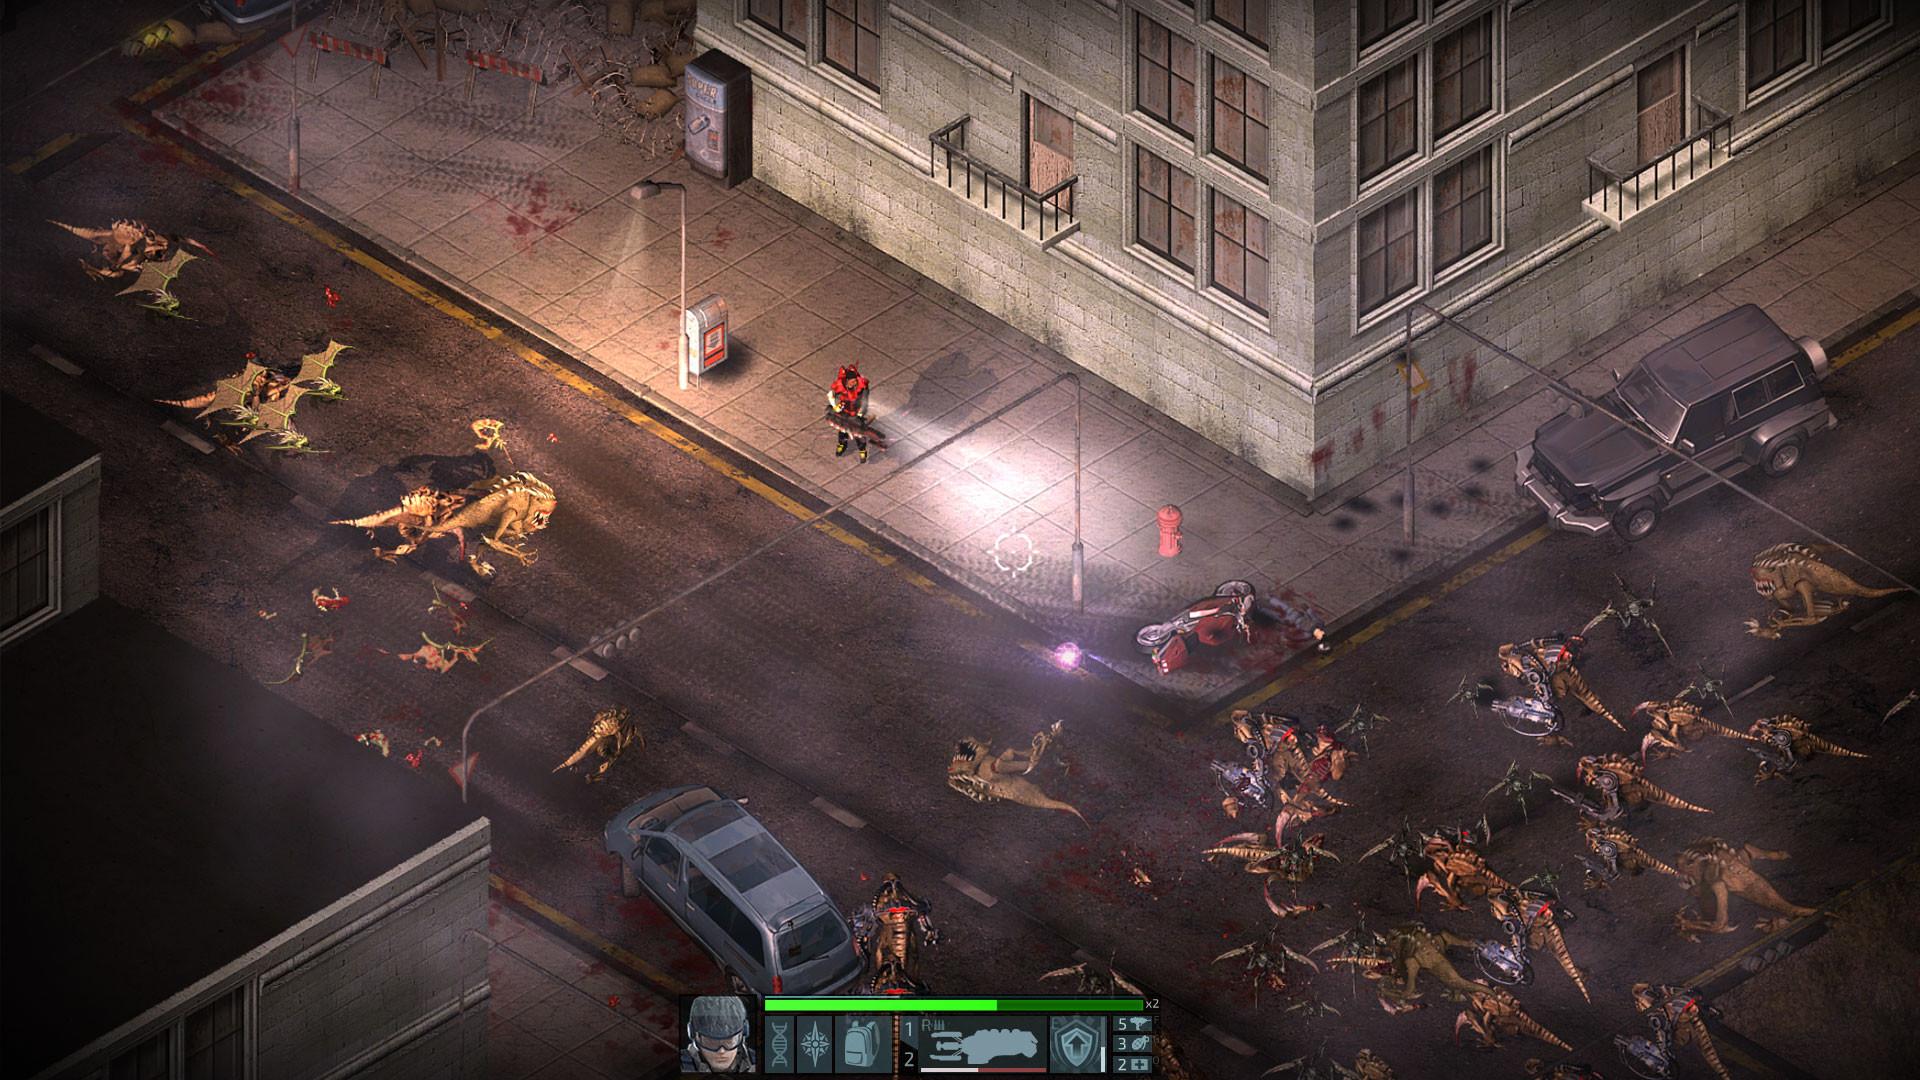 孤胆枪手2:传说图片